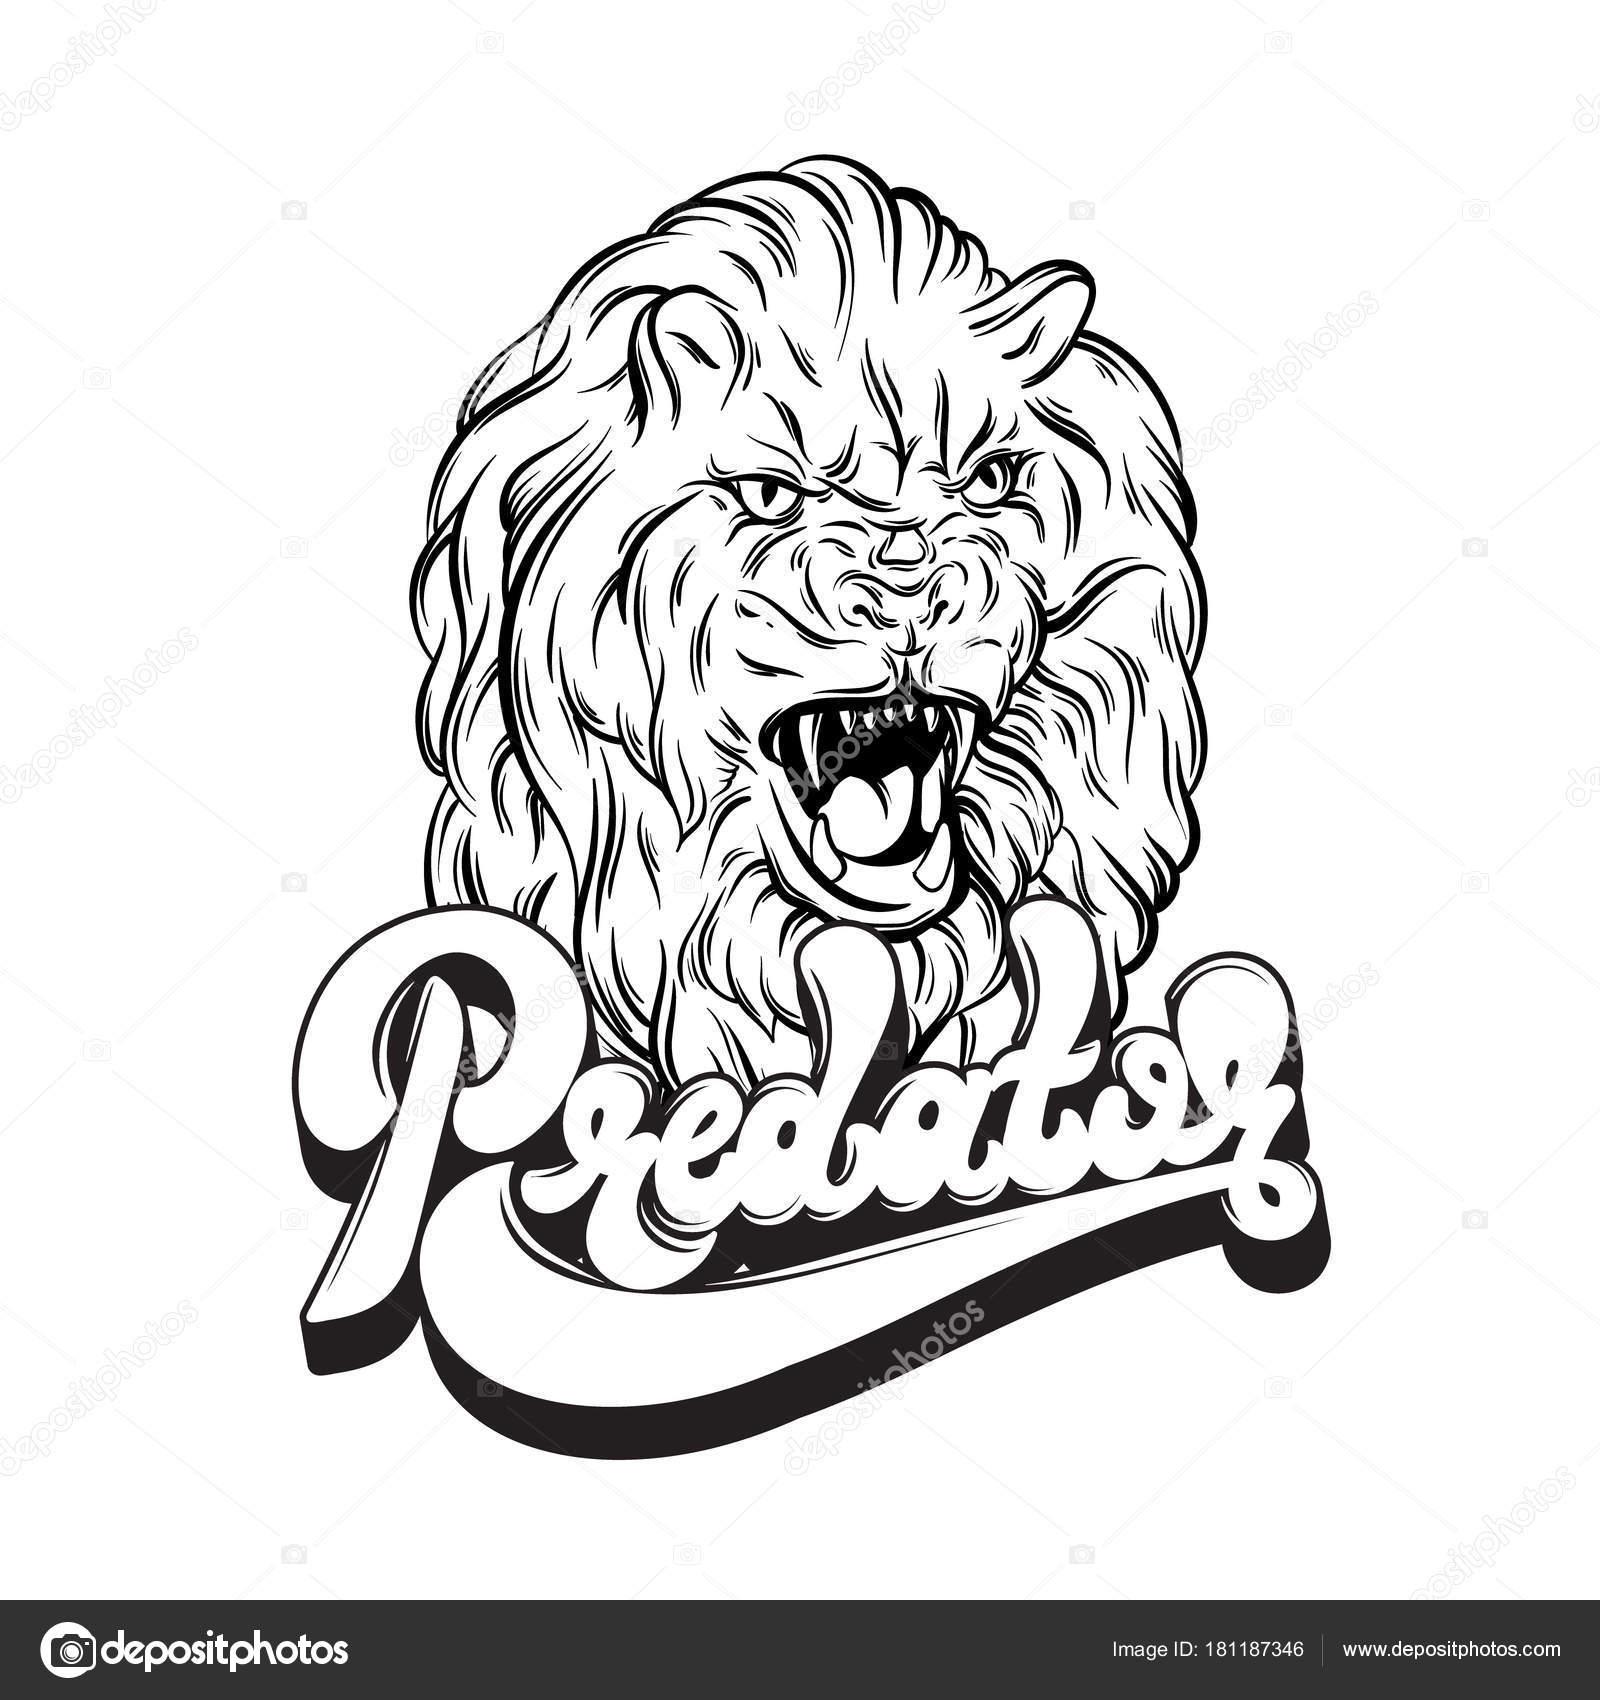 手書き文字をベクトルします 手には ライオンのイラストが描かれました